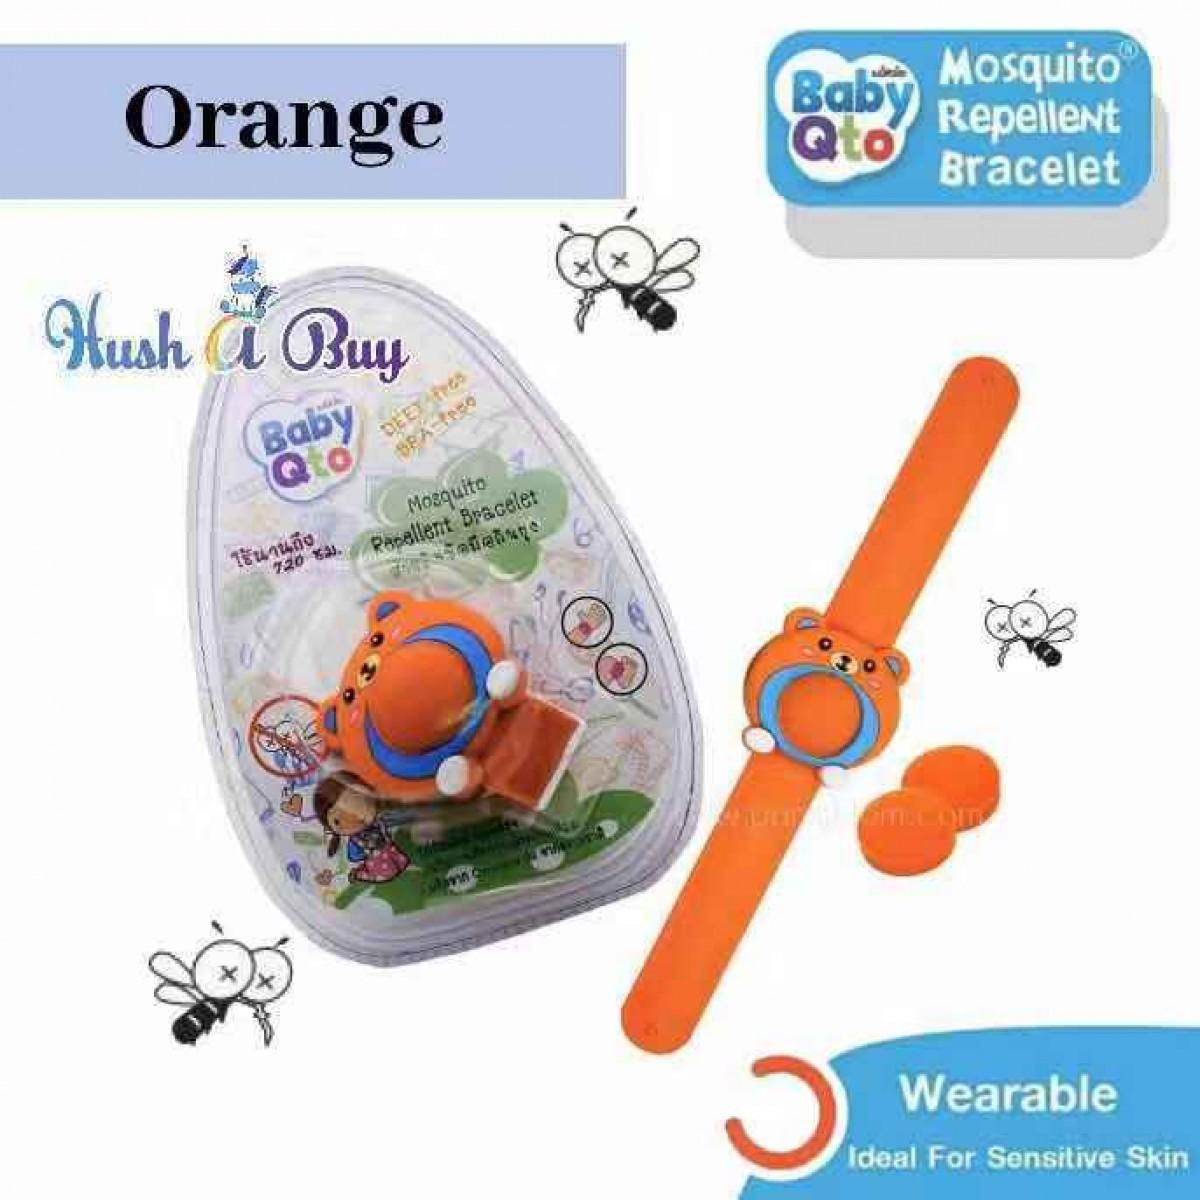 Baby Qto Mosquito Repellent Bracelet